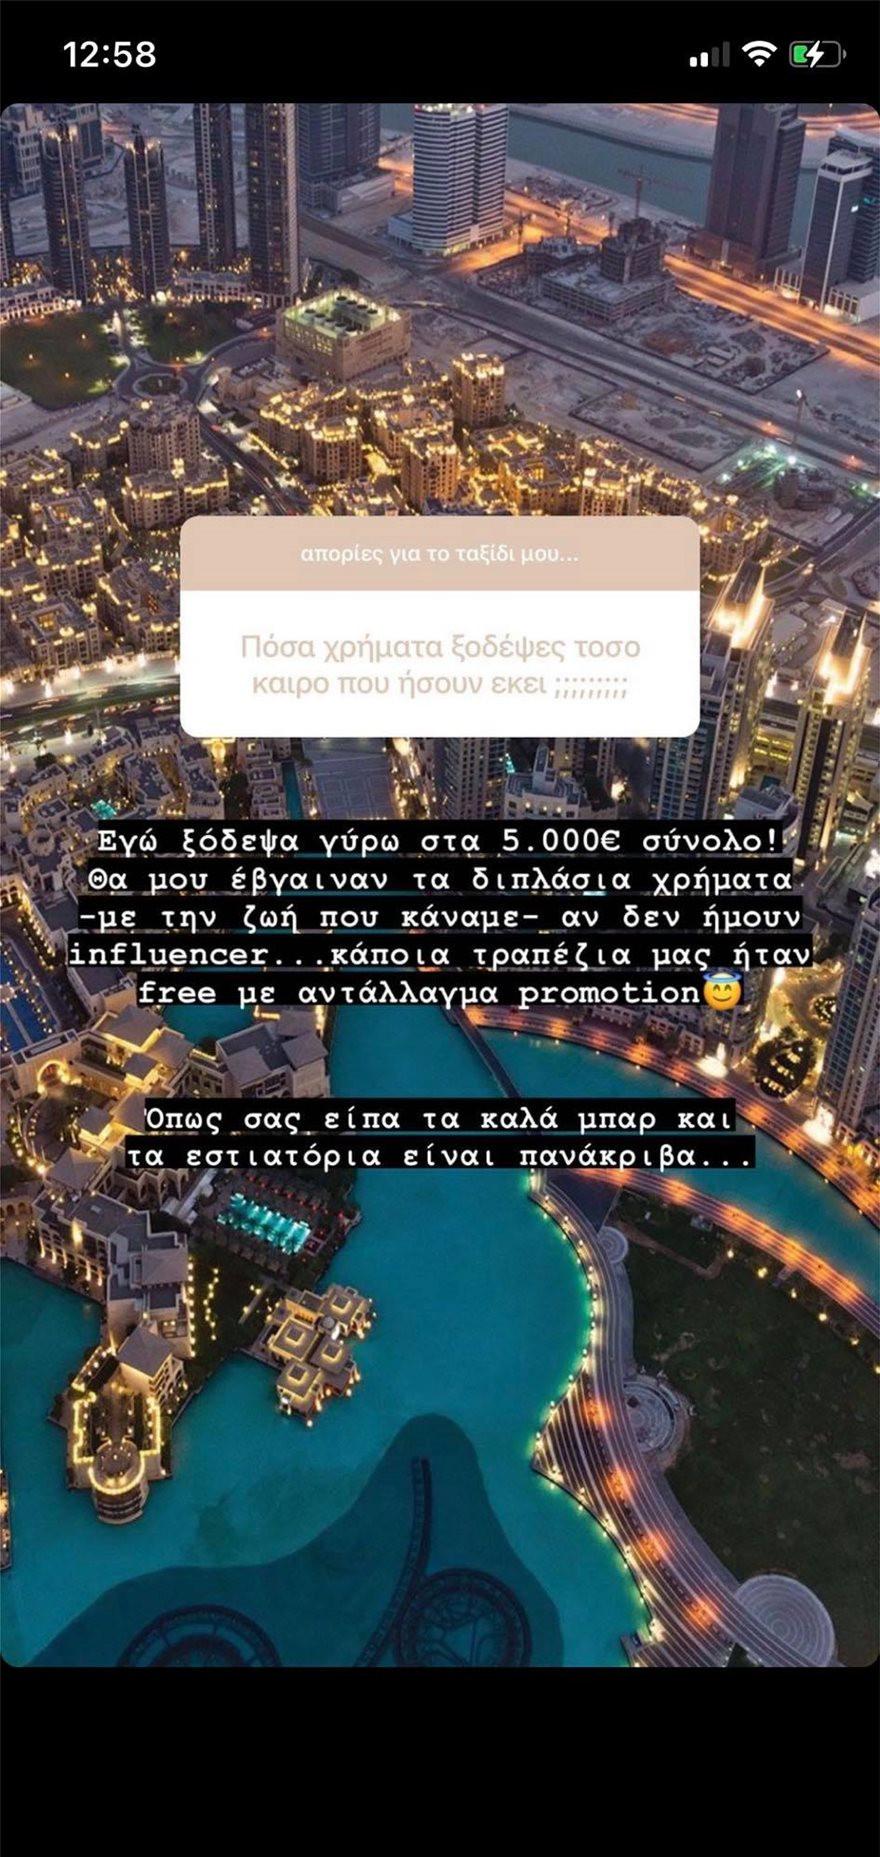 Η απάντηση της Ιωάννας Τούνη για τα χρήματα που ξόδεψε στο Ντουμπάι